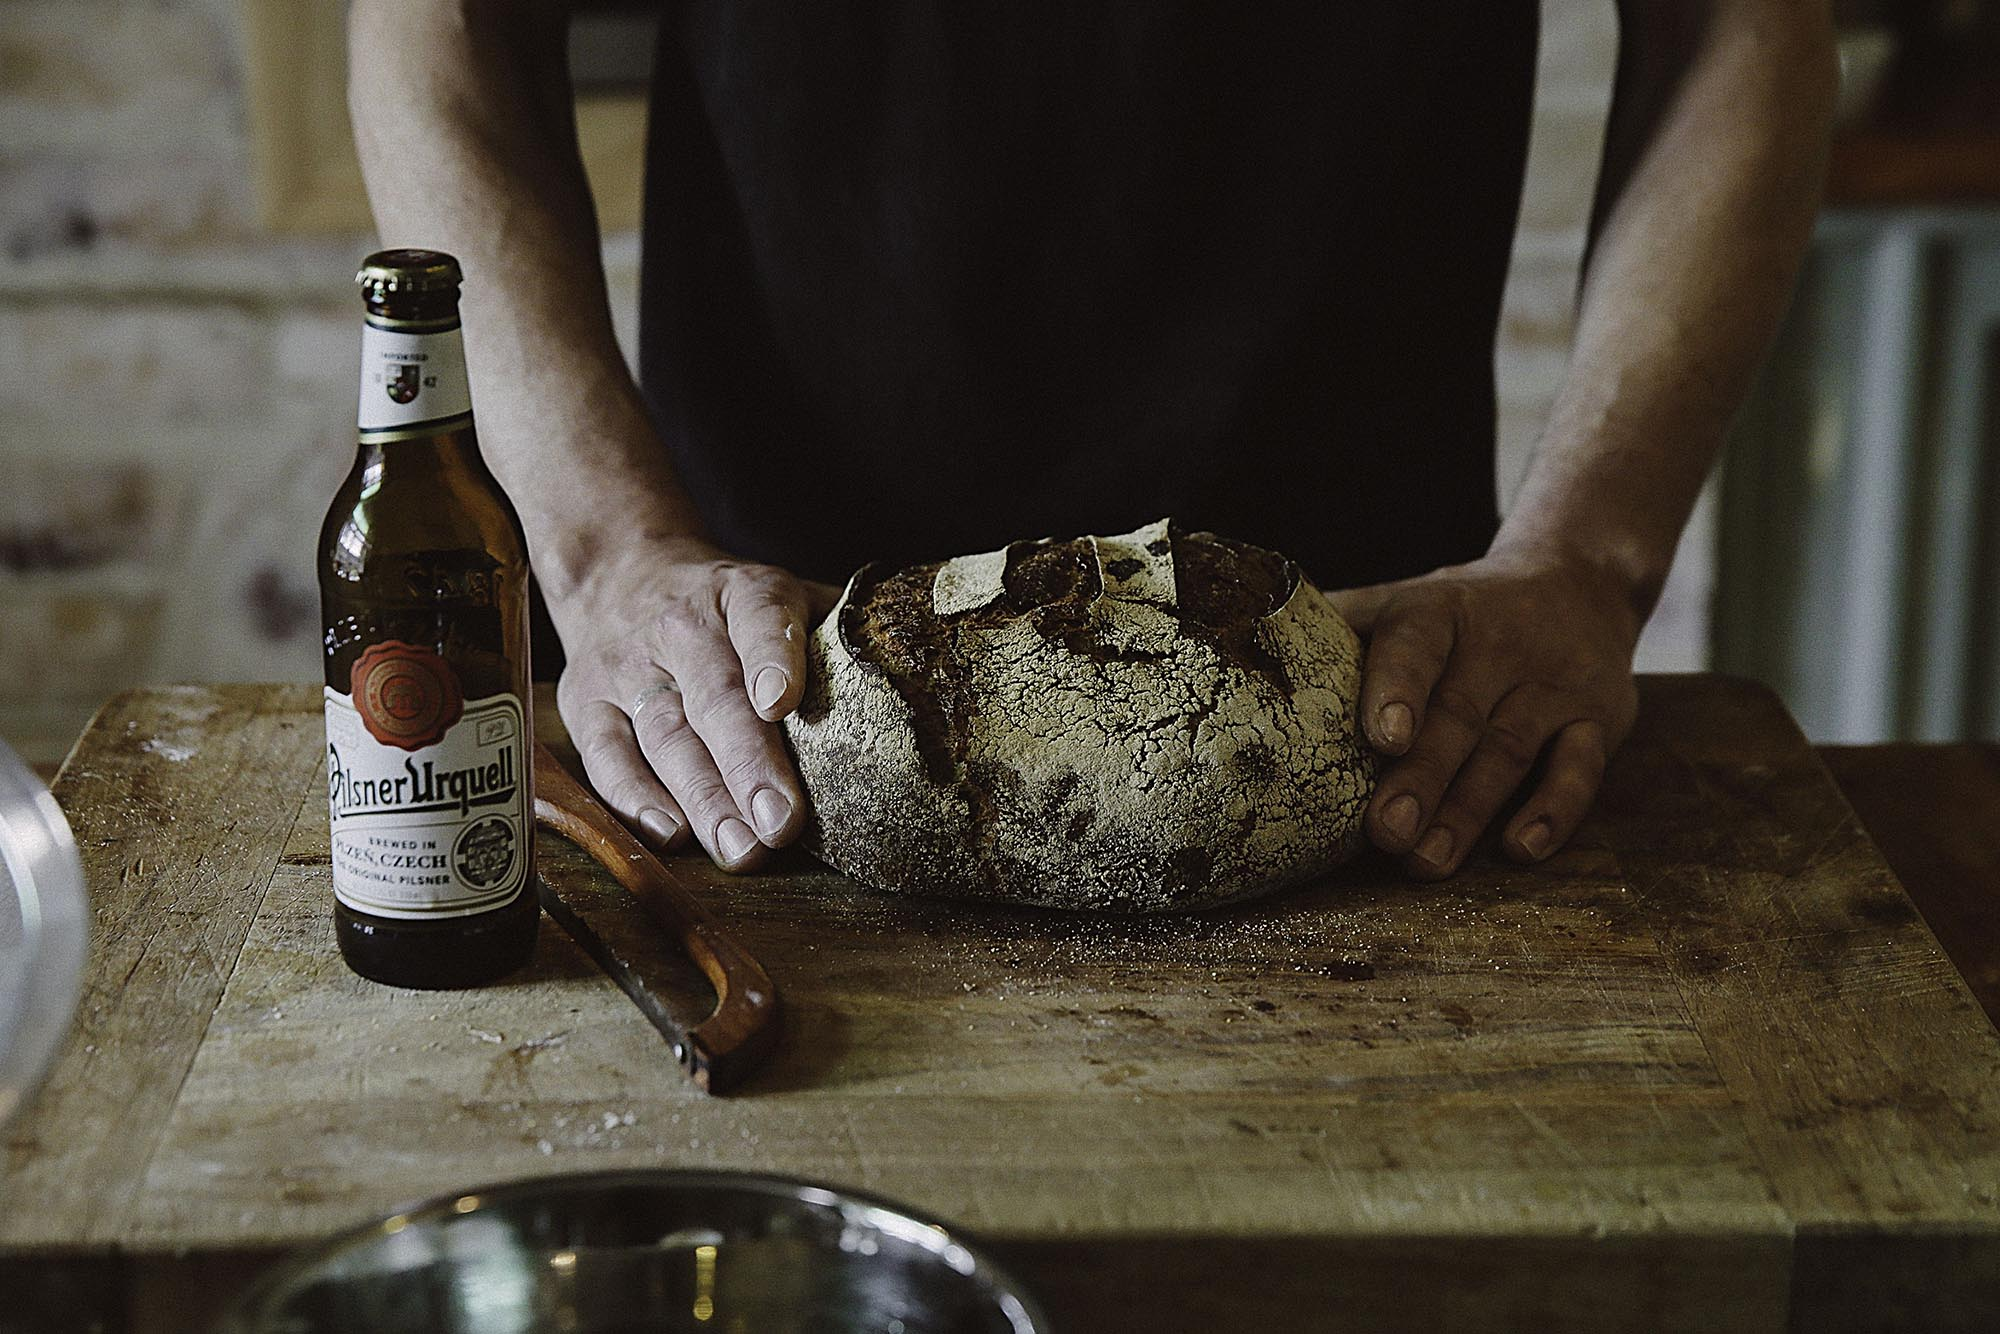 Pilsner Urquell Wild Wheat Sourdough RRP$7.00